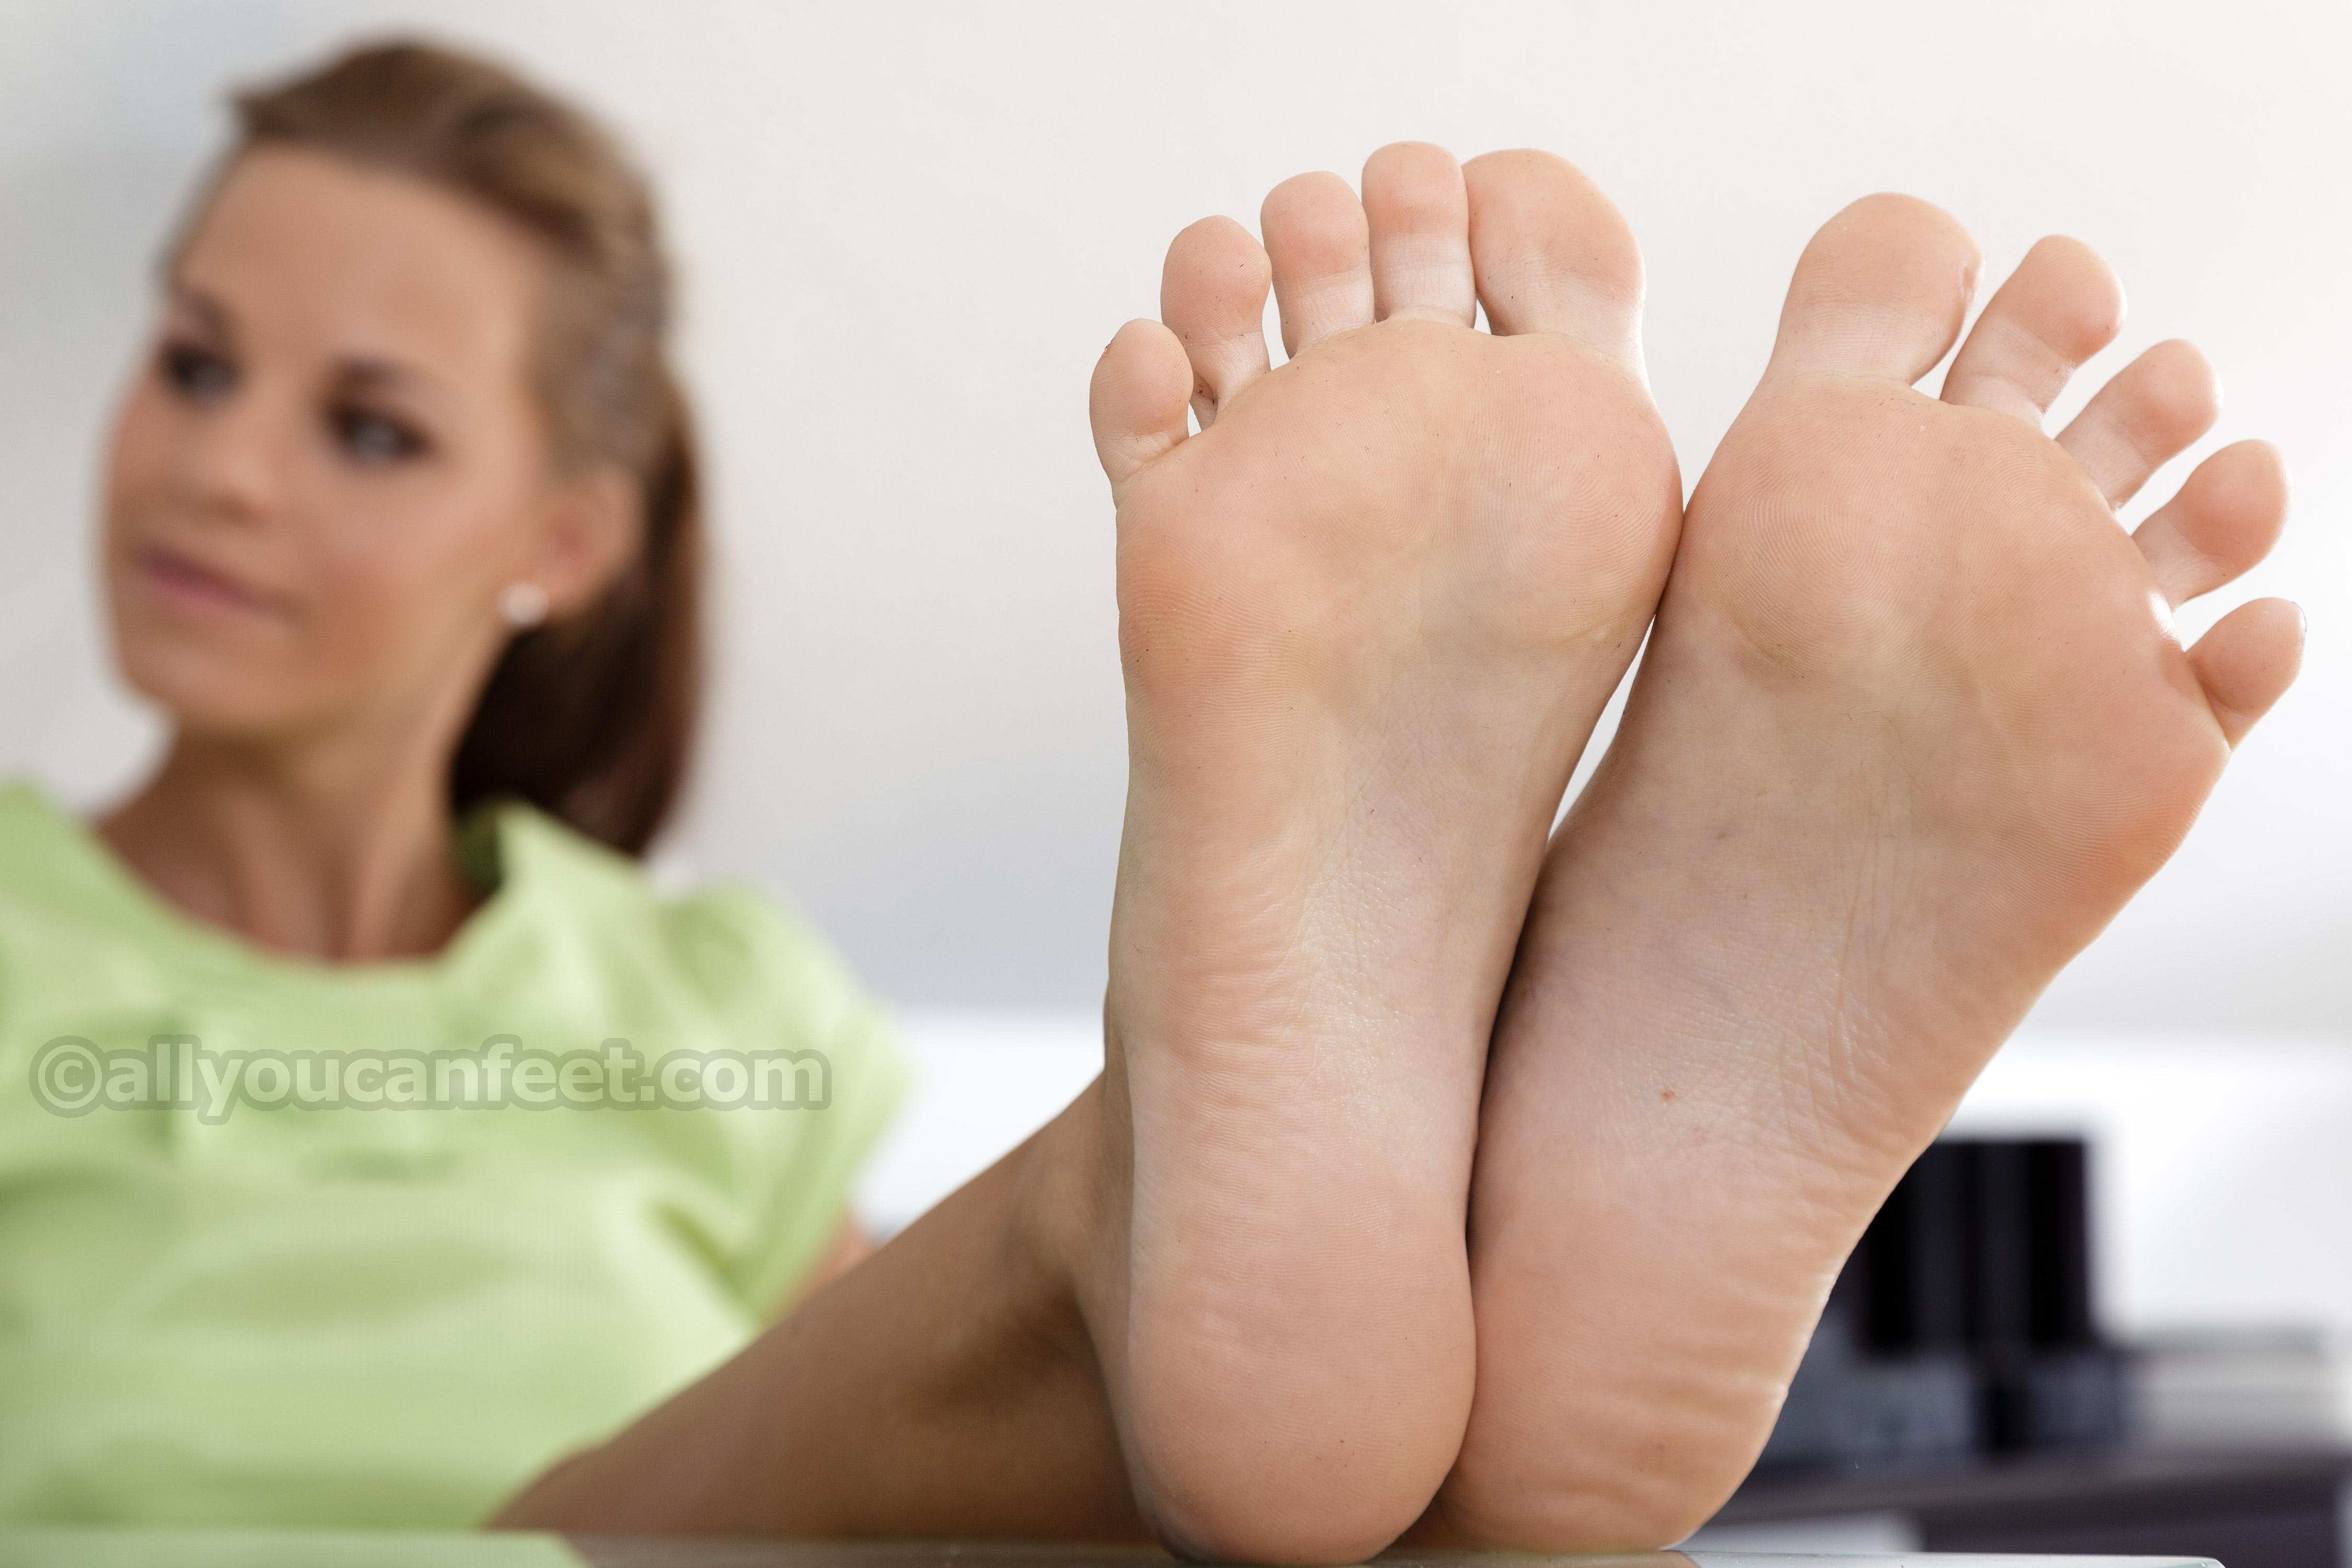 подошвы ног девушек большое разрешение видео